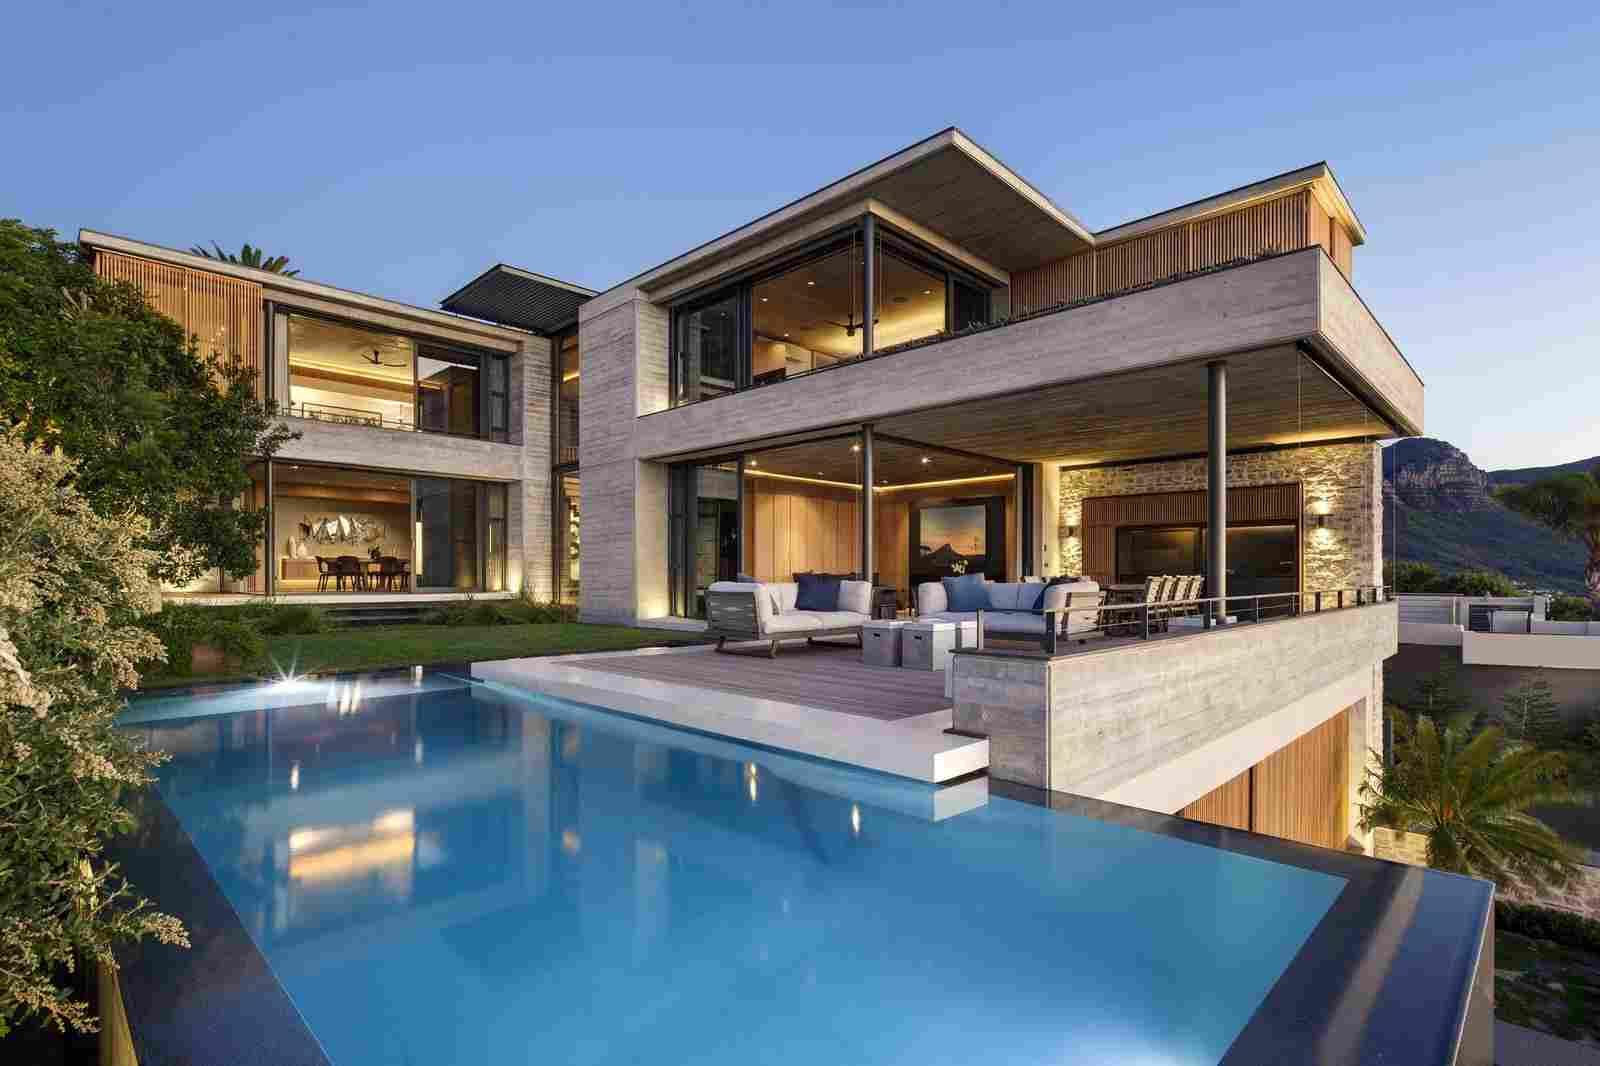 Своя квартира или частный дом?